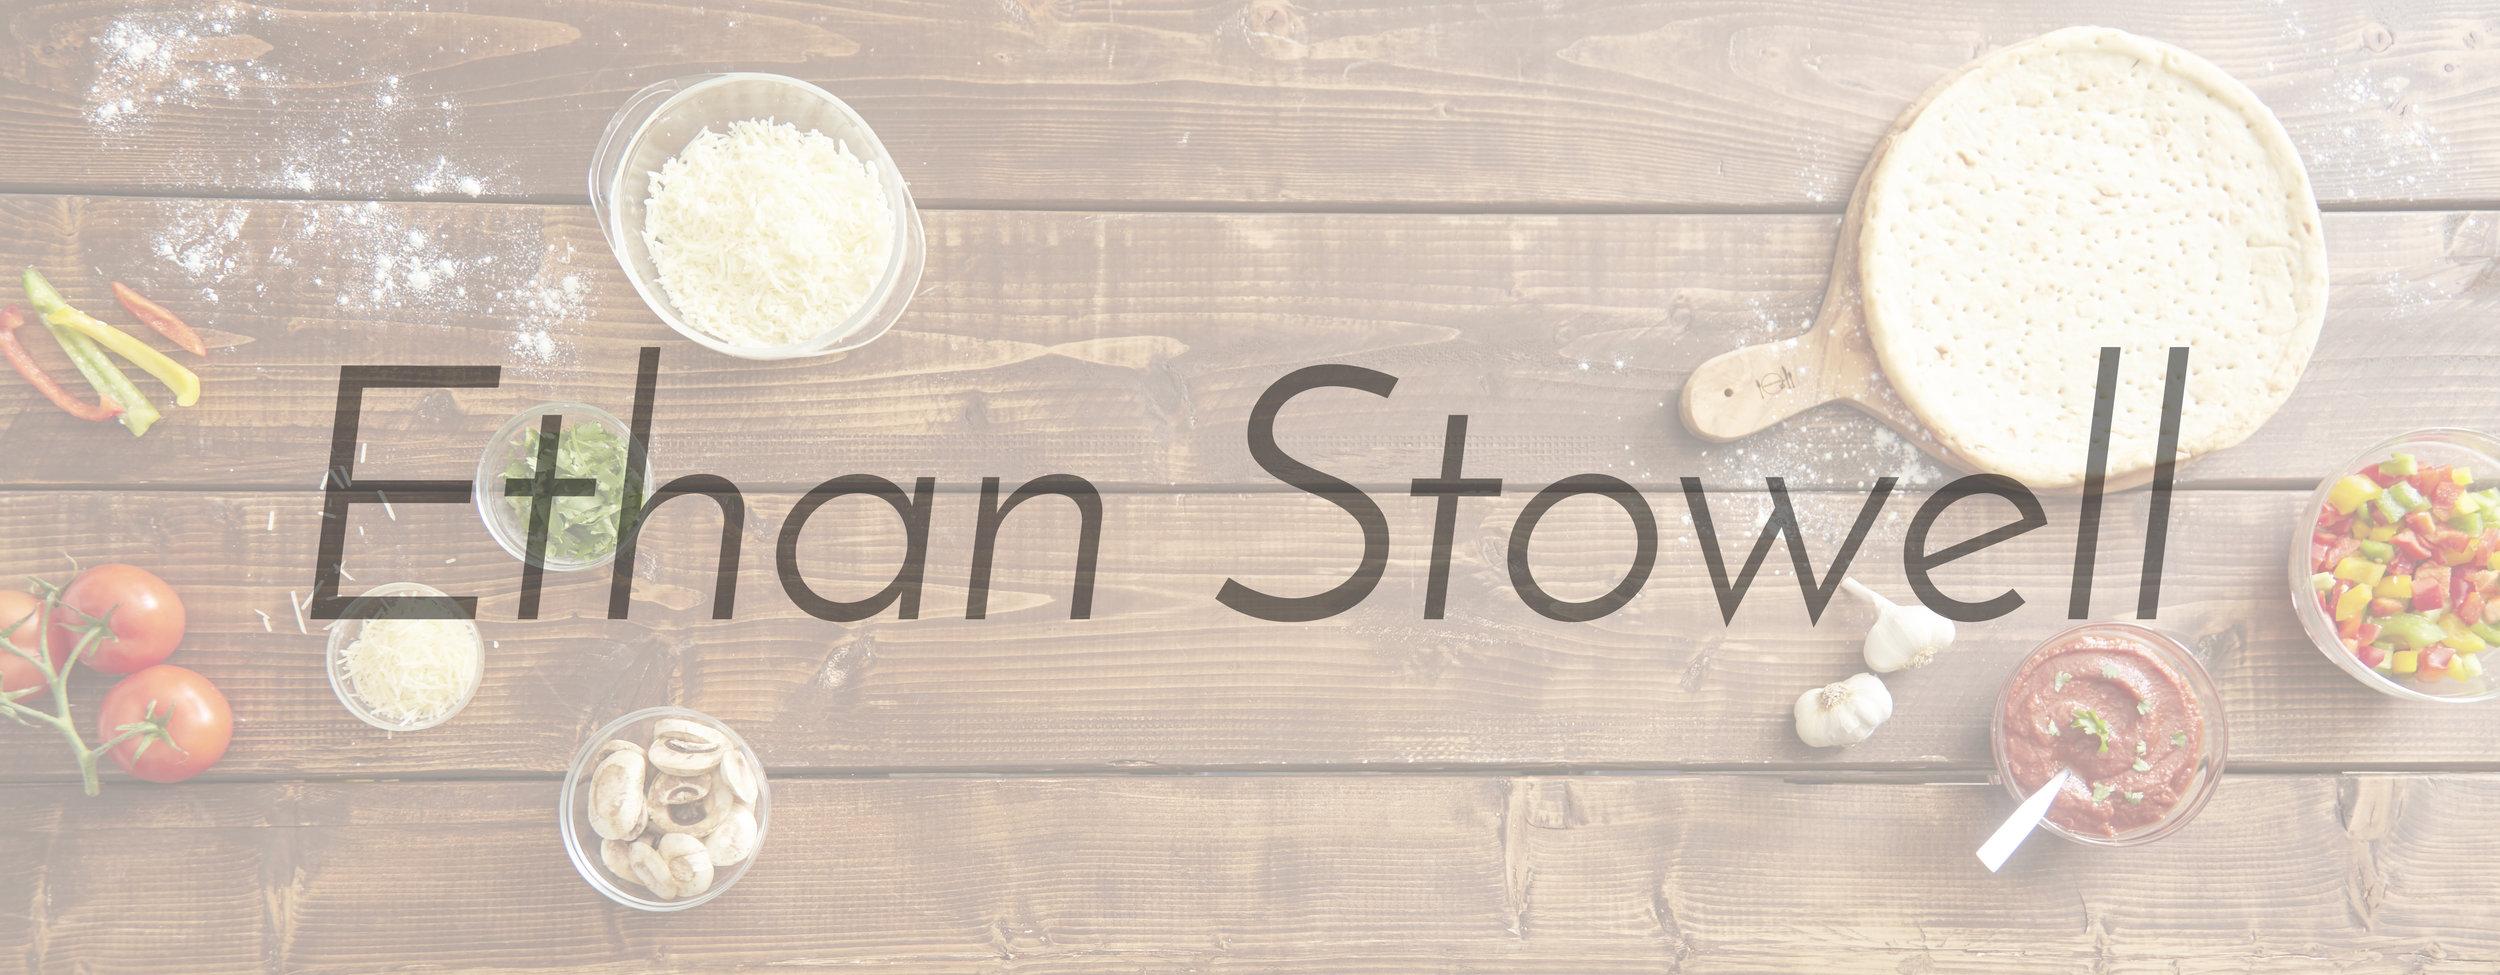 Stowell_Banner_2.jpg